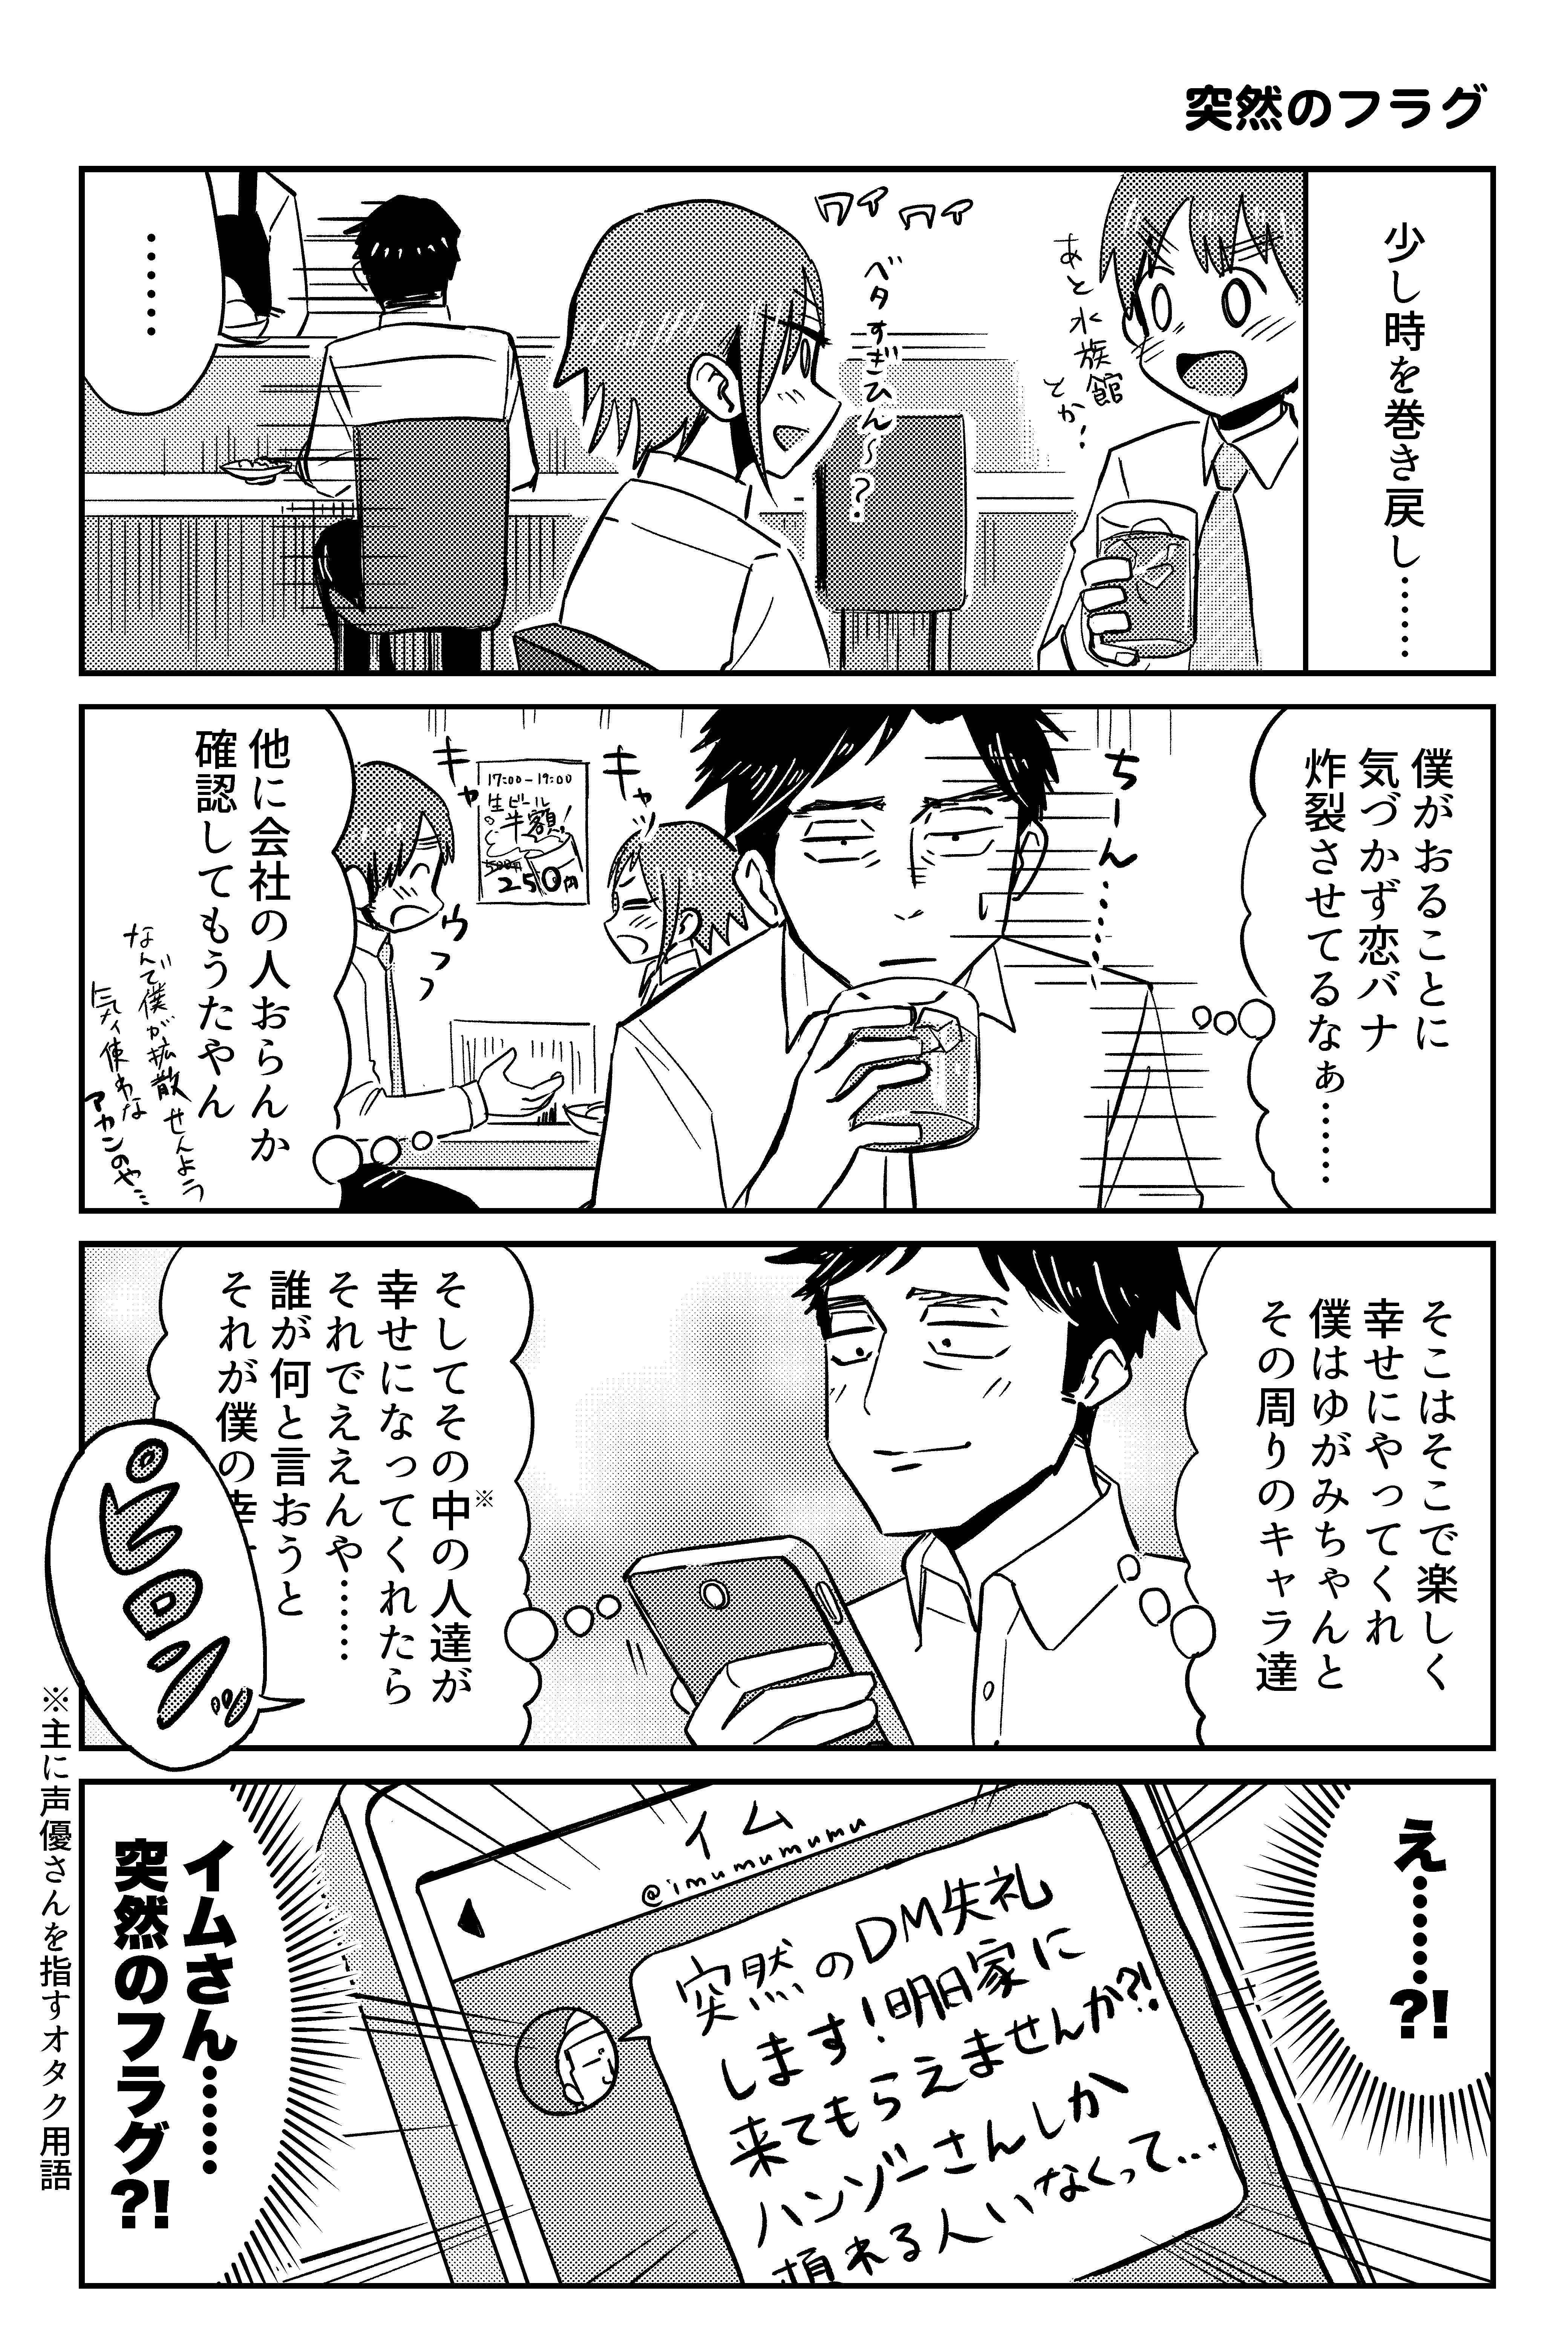 大阪ちゅーとリアル(関西の大学の謎システム「〇回生」)